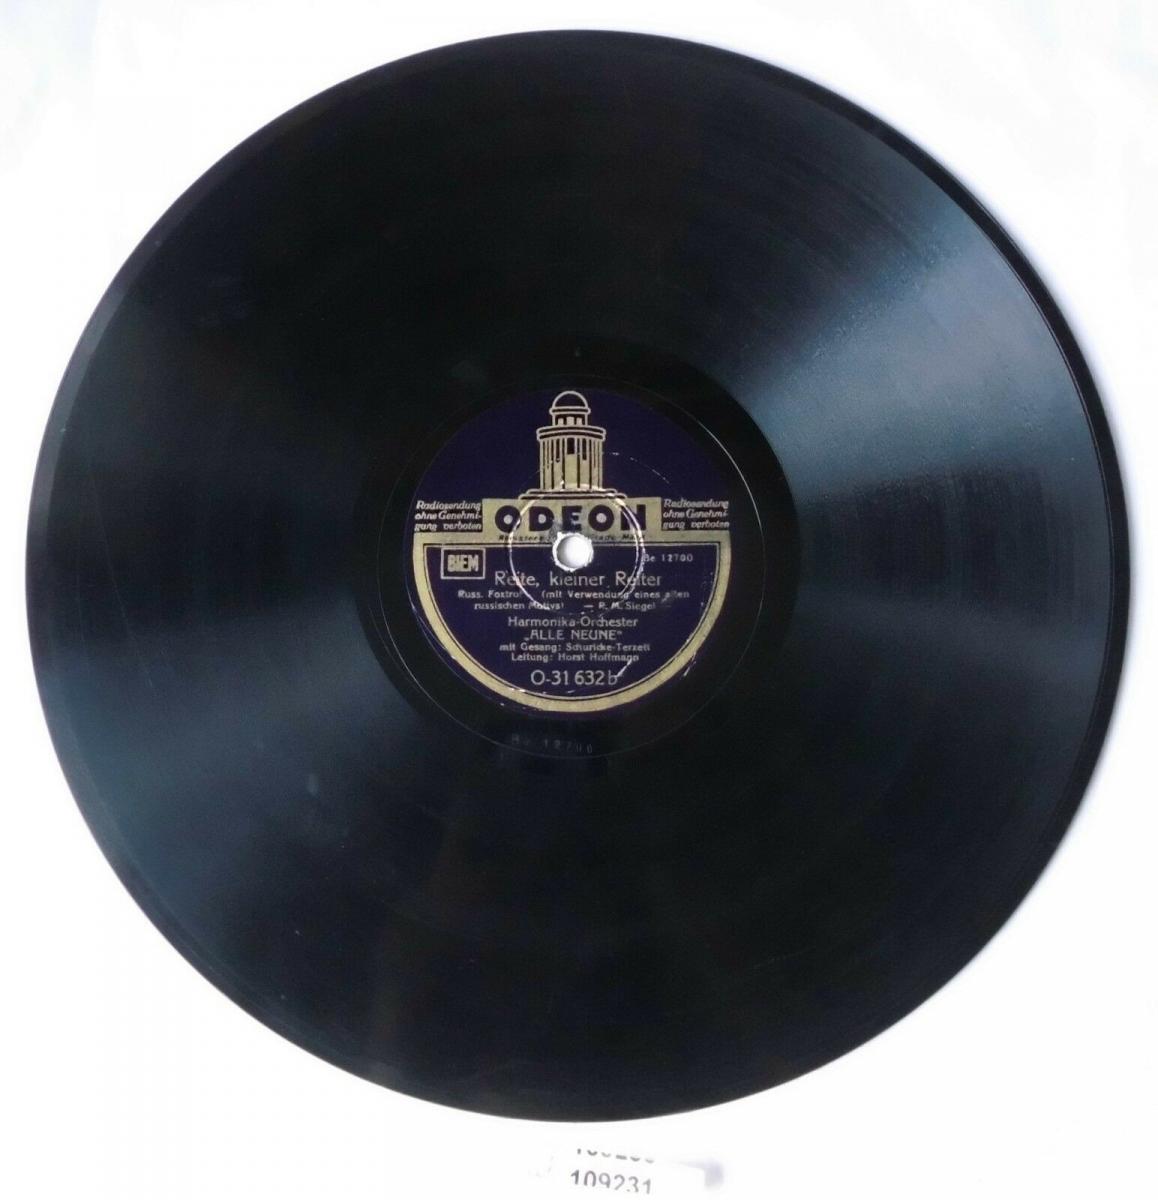 109231 Schellackplatte Odeon Harmonika-Orchester Alle Neune / Schuricke um 1930 0